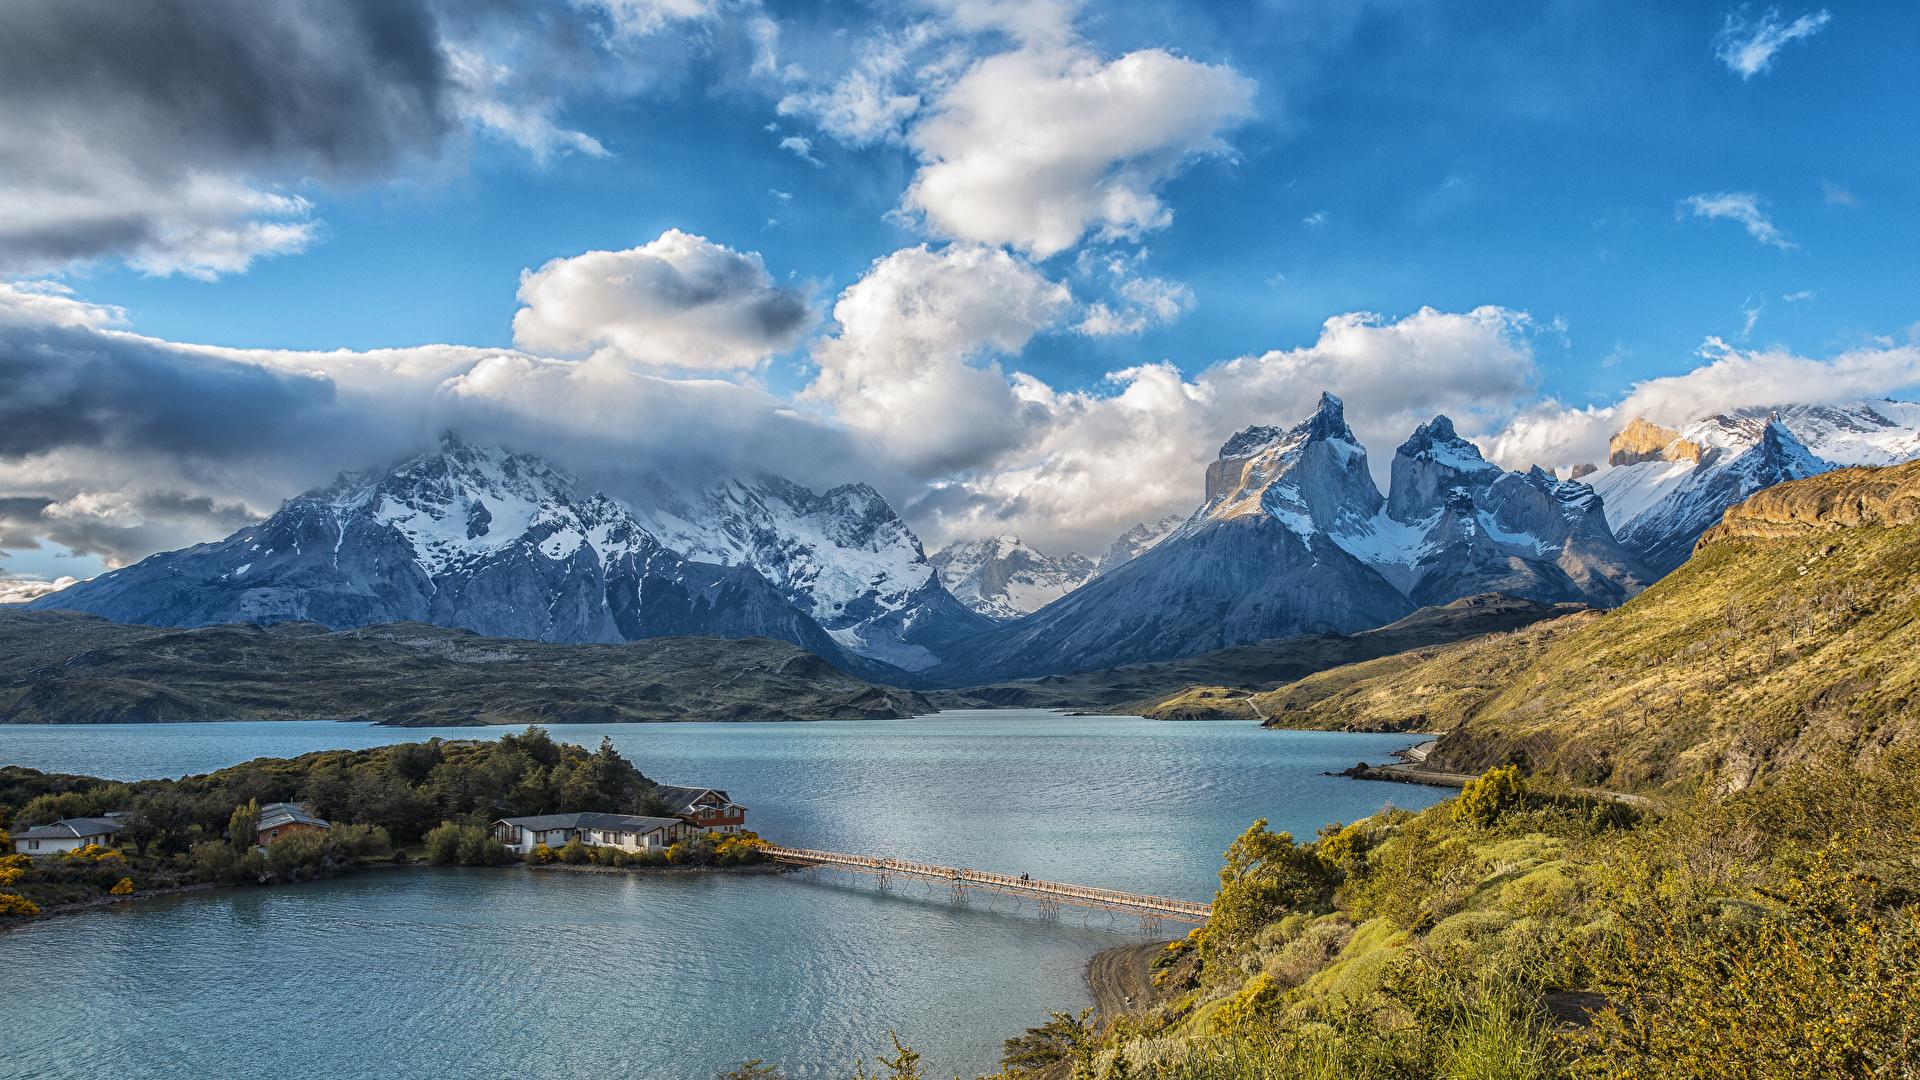 Fondo Escritorio Paisaje Nevada En Cumbre: Images Chile Lake Pehoe Torres Del Paine National Park